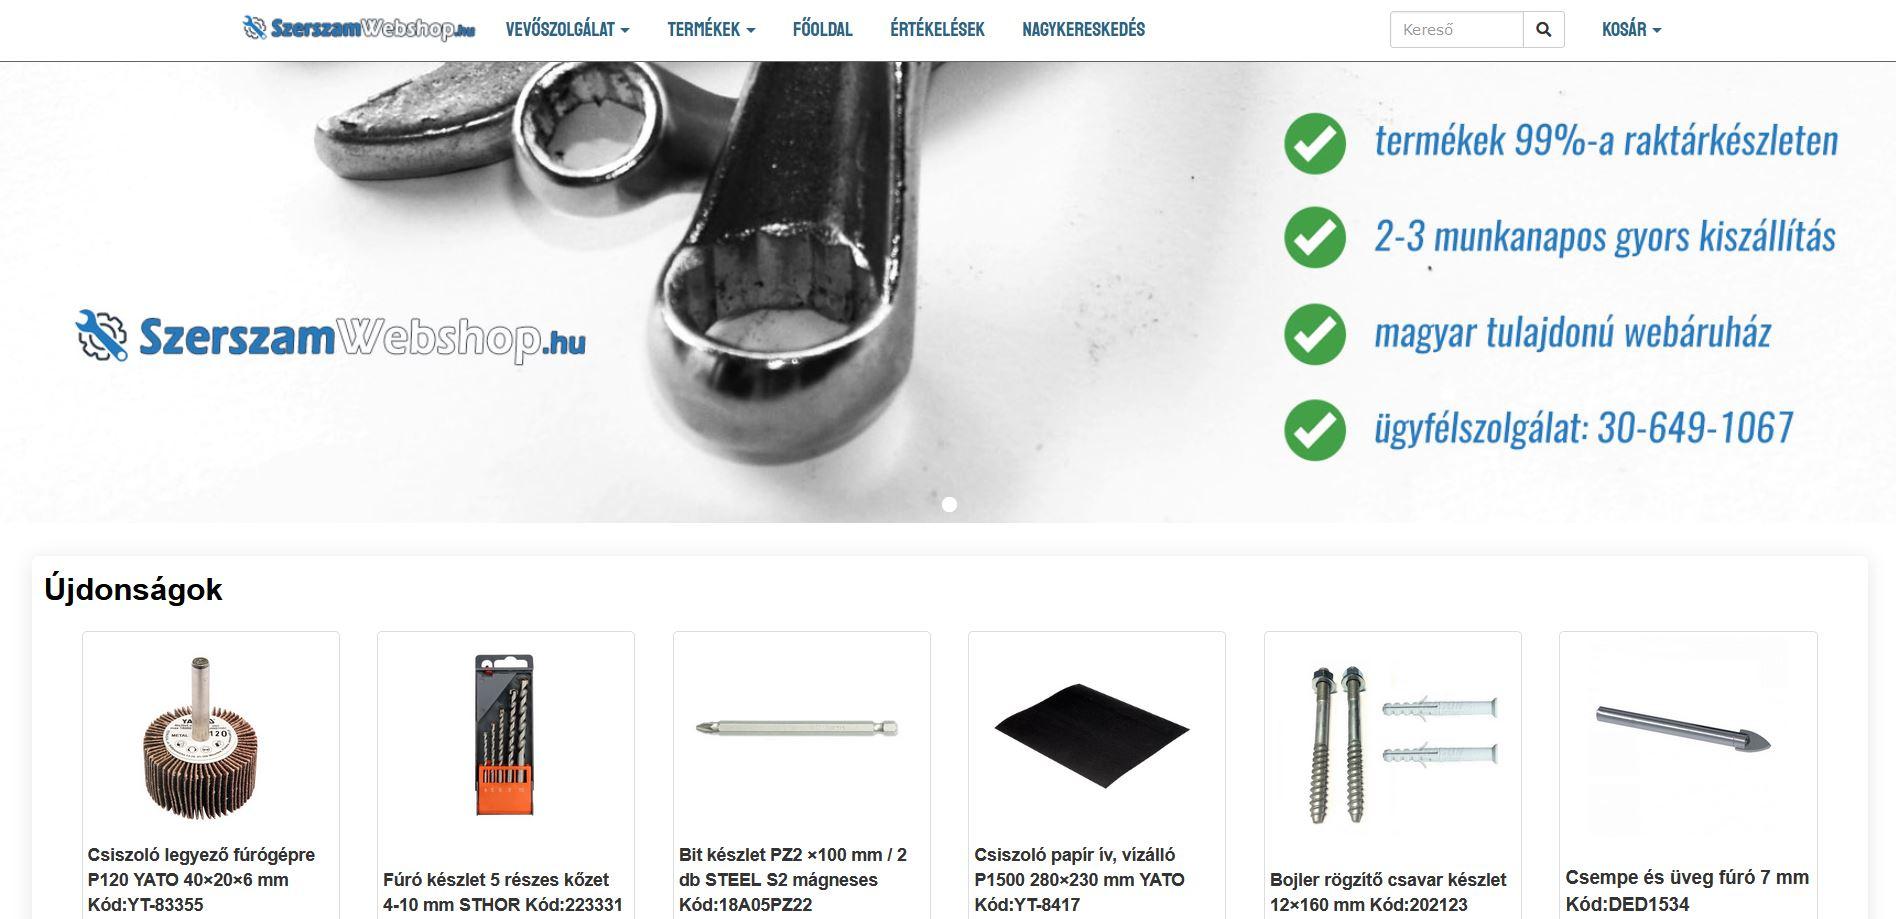 szerszamwebshop.hu webáruház